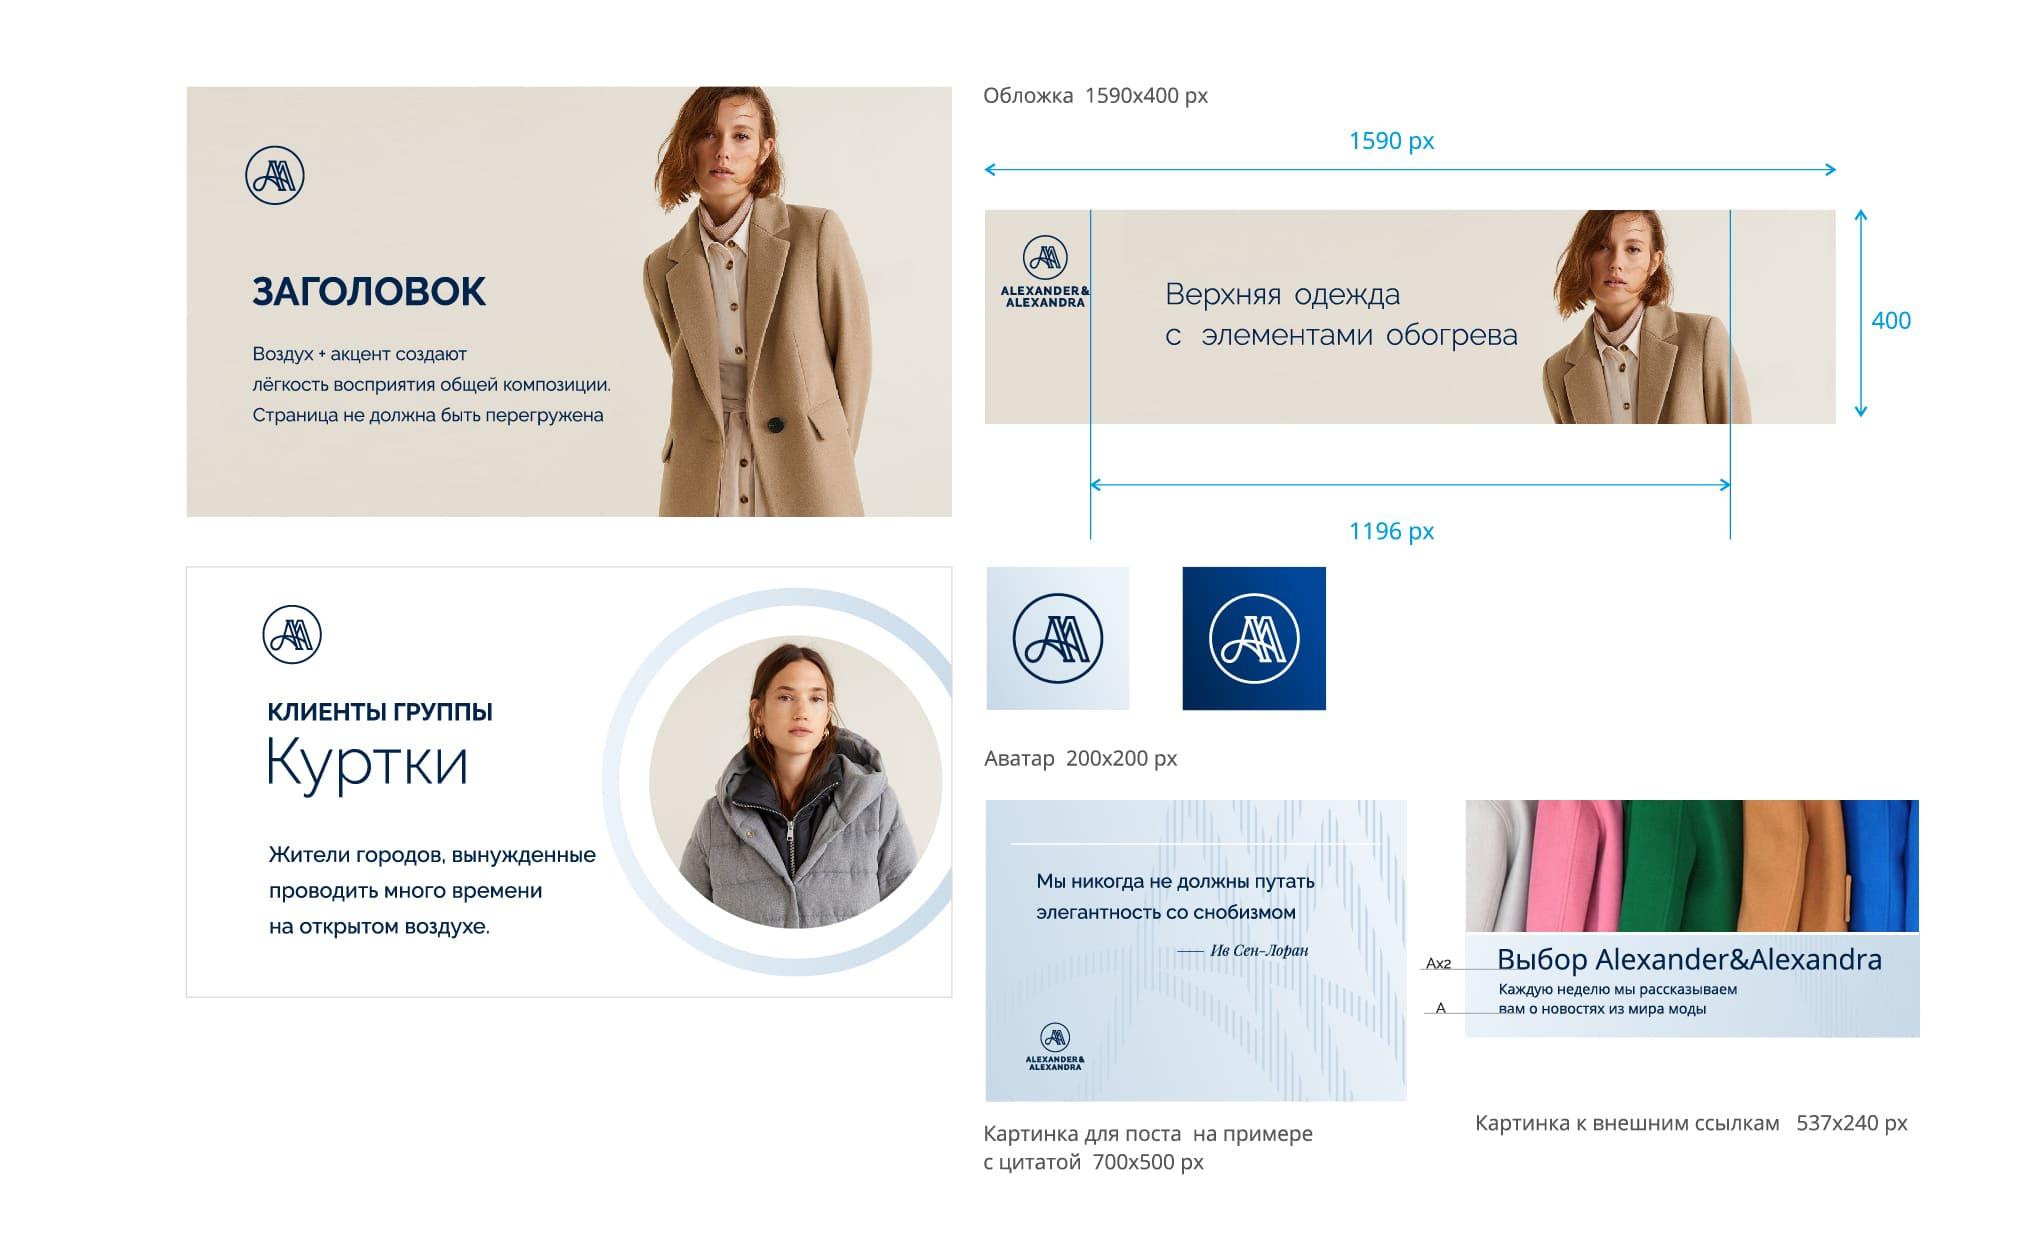 правила создания рекламных материалов - создание бренда одежды